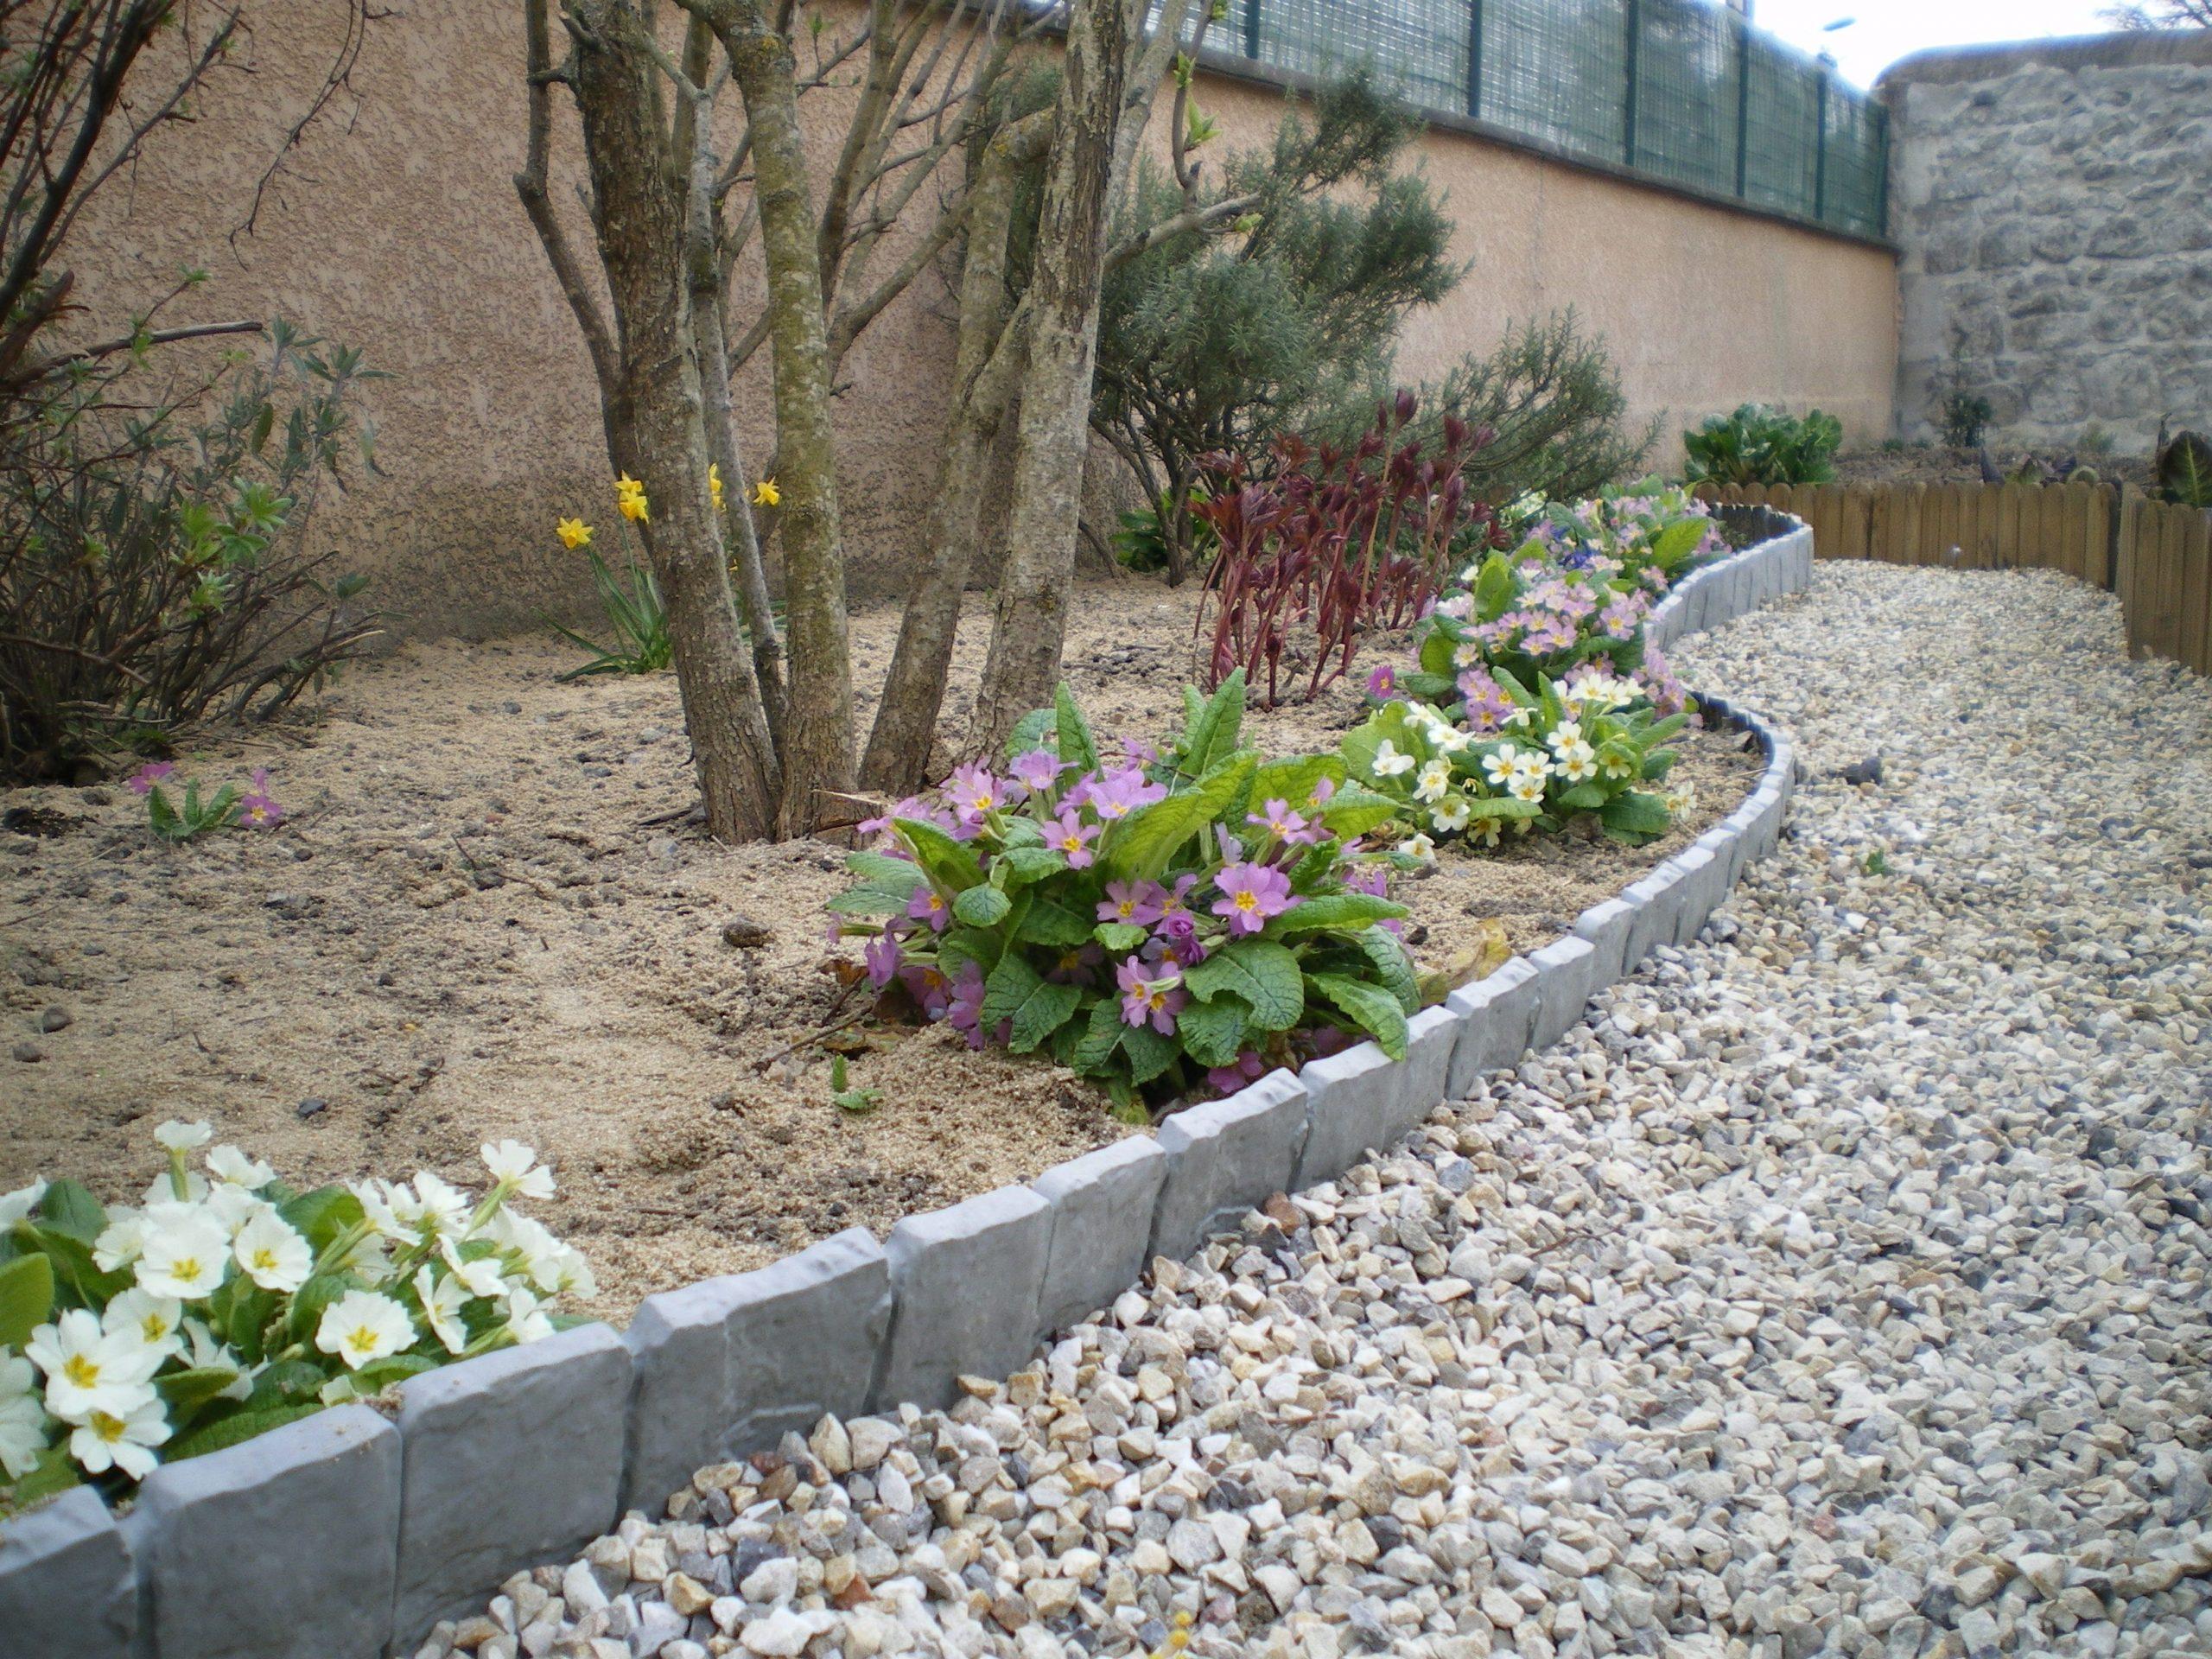 Délimitez Vos Allées De #jardin Avec De Belles Bordurettes ... intérieur Bordures De Jardin Pas Cher